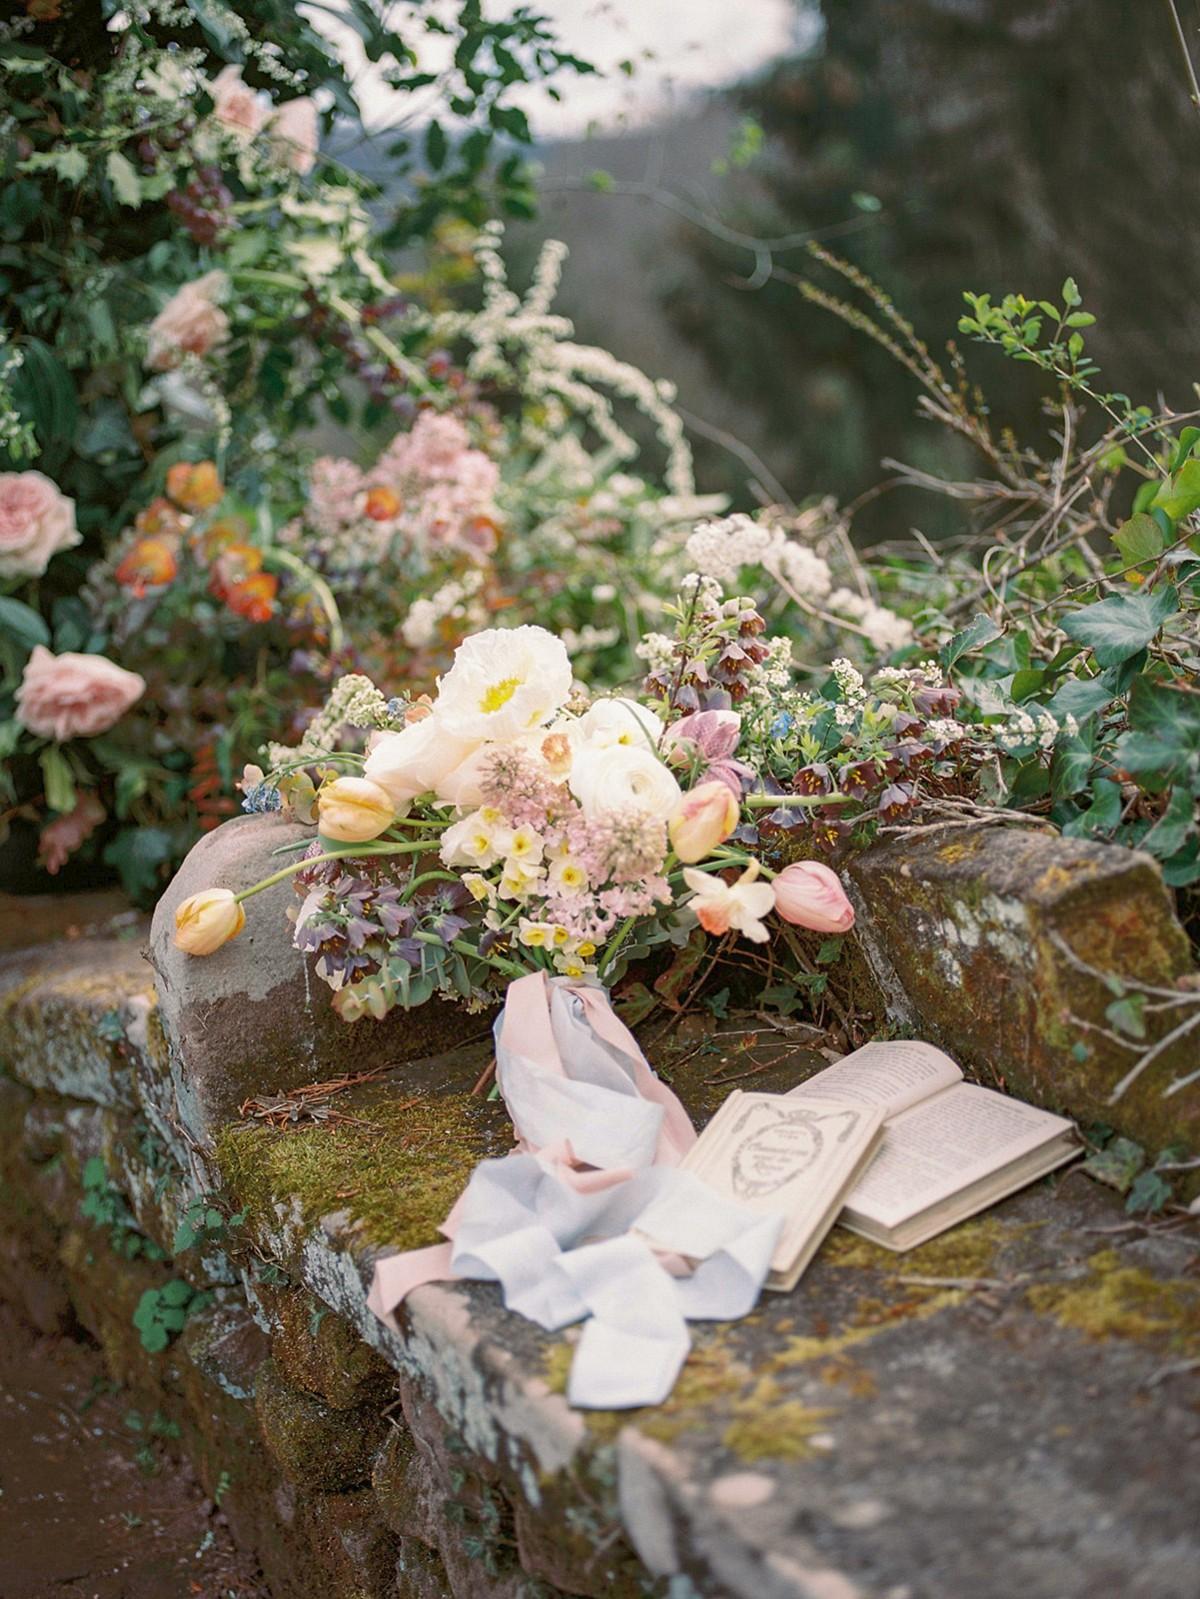 Secret garden fairytale editorial in French mountain village